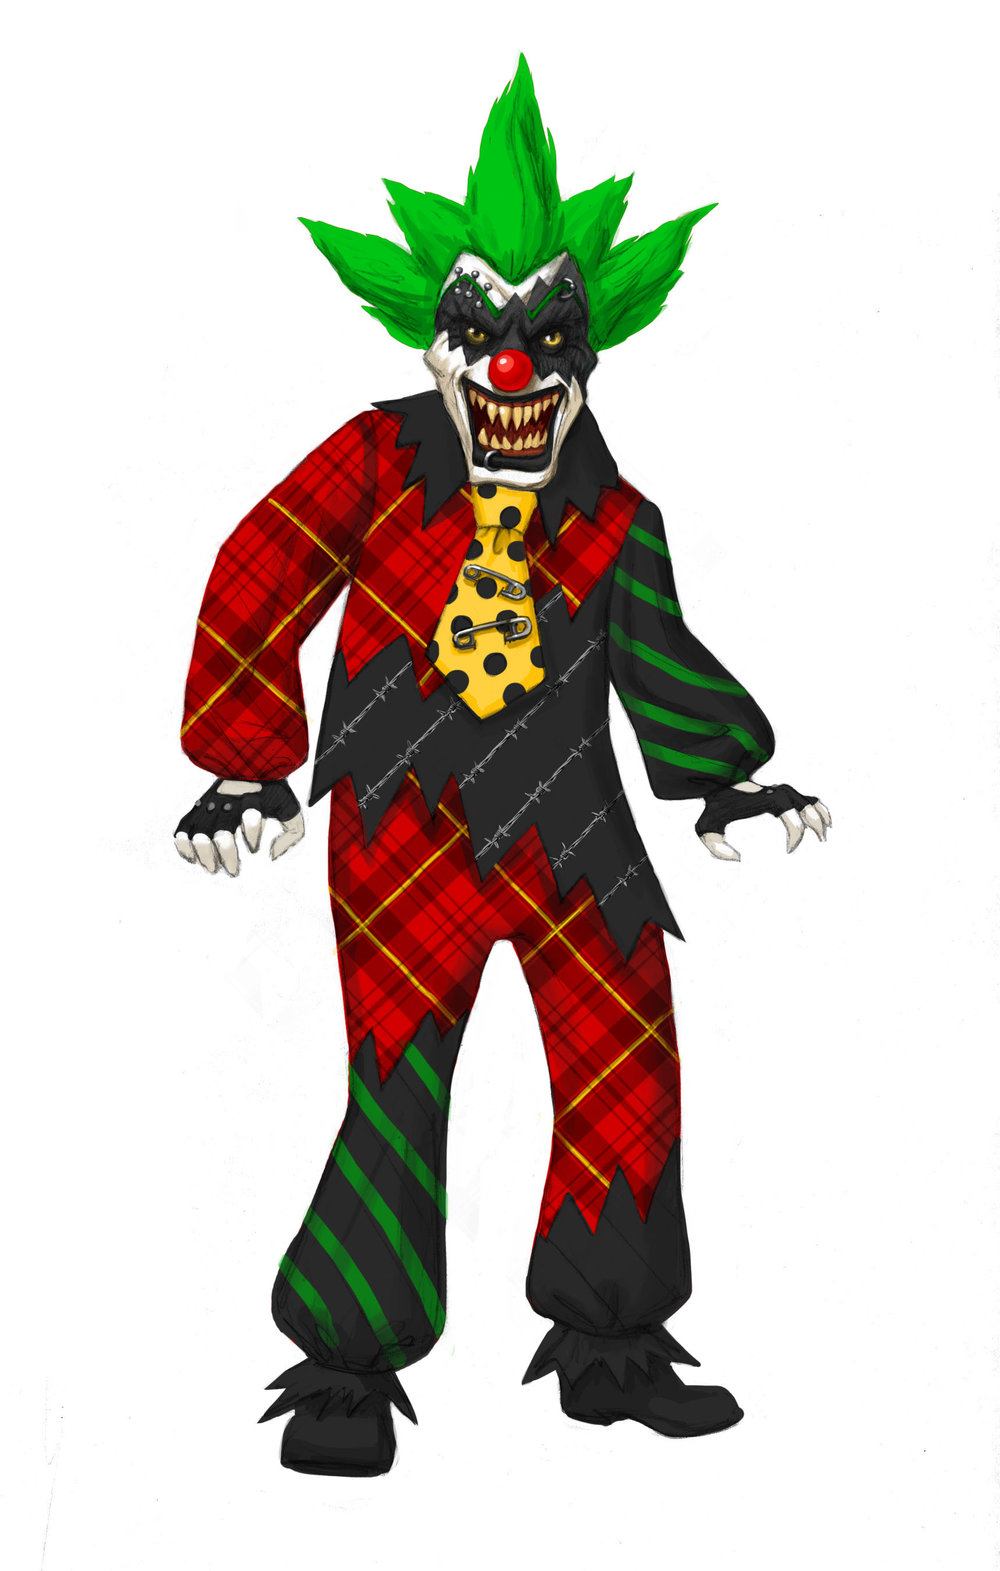 EvilClownColor1.jpg